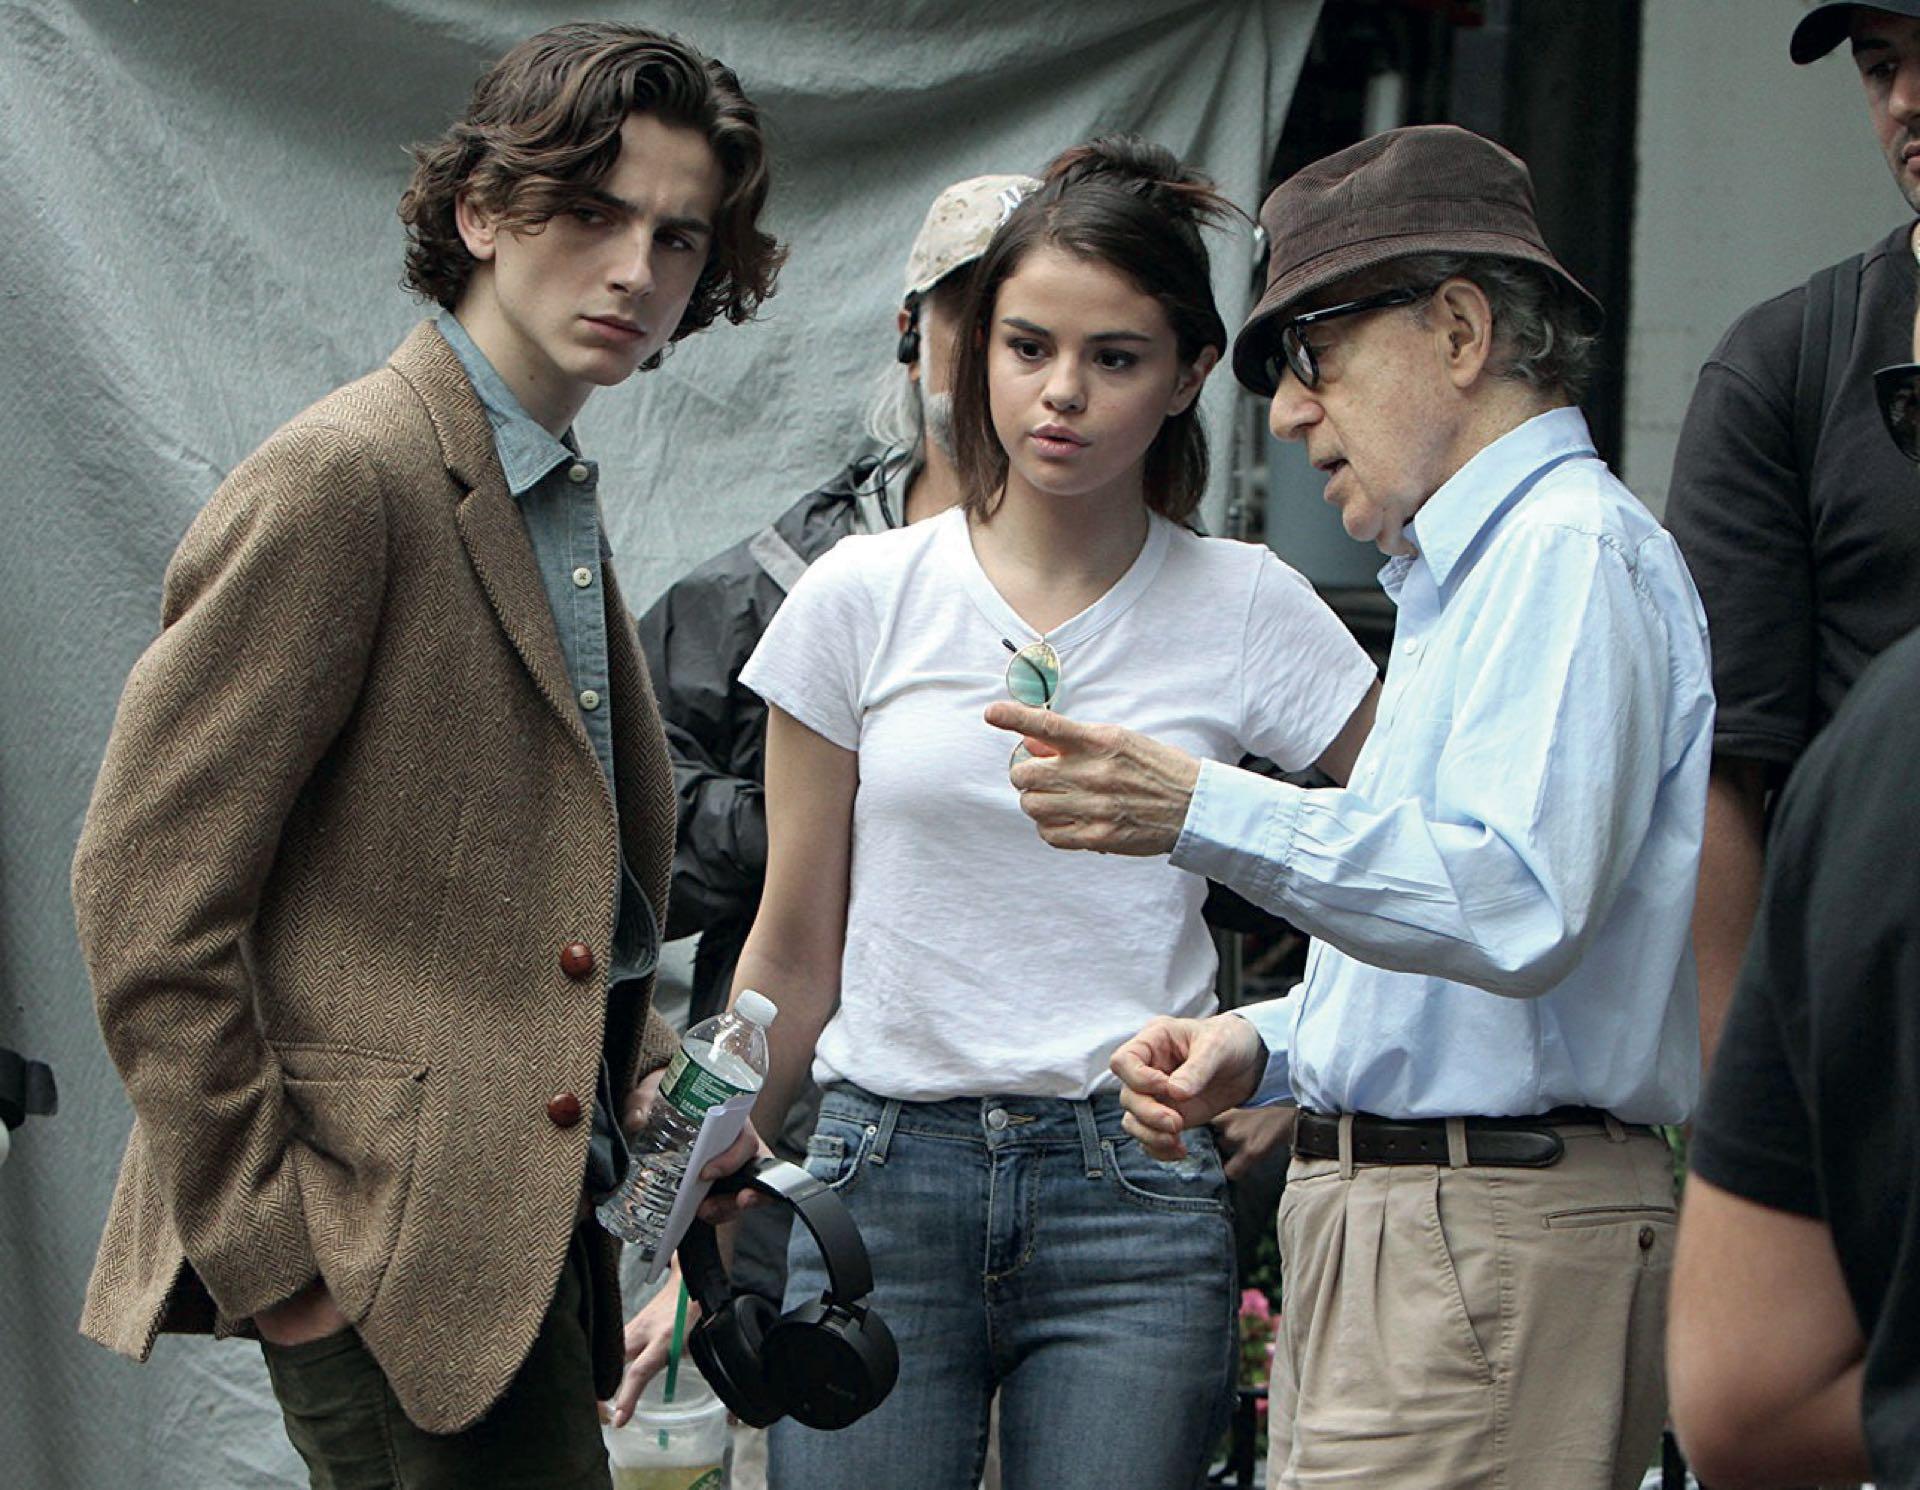 """Timothée Chalamet actuó en """"Un día lluvioso en Nueva York"""", de Woody Allen, y donó su salario a las víctimas de acoso"""